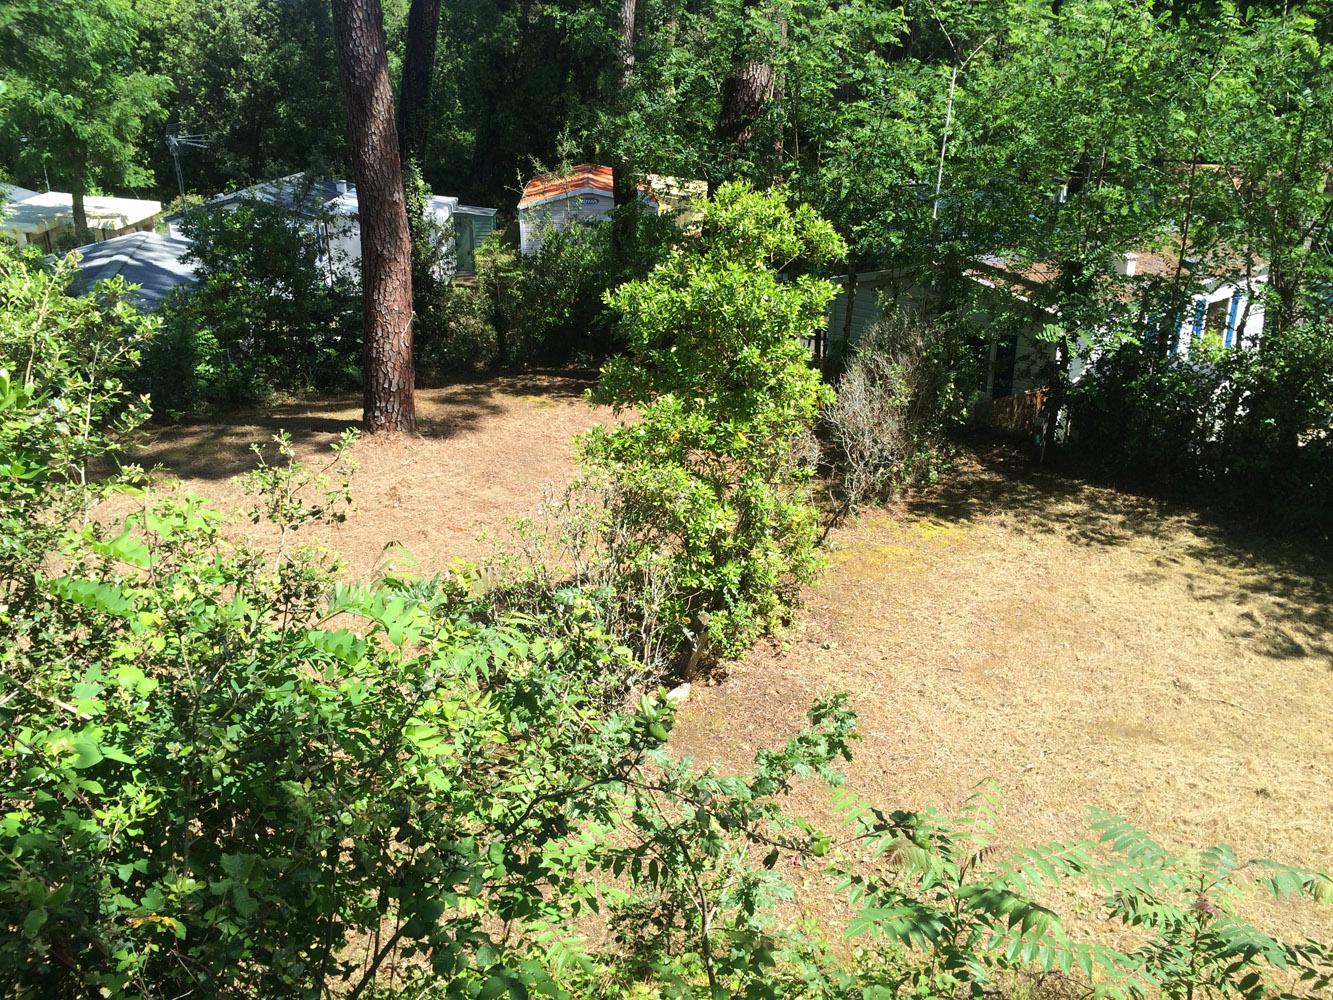 Bois Soleil Saint Georges De Didonne u2013 Myqto # Camping Bois Soleil Saint Georges De Didonne